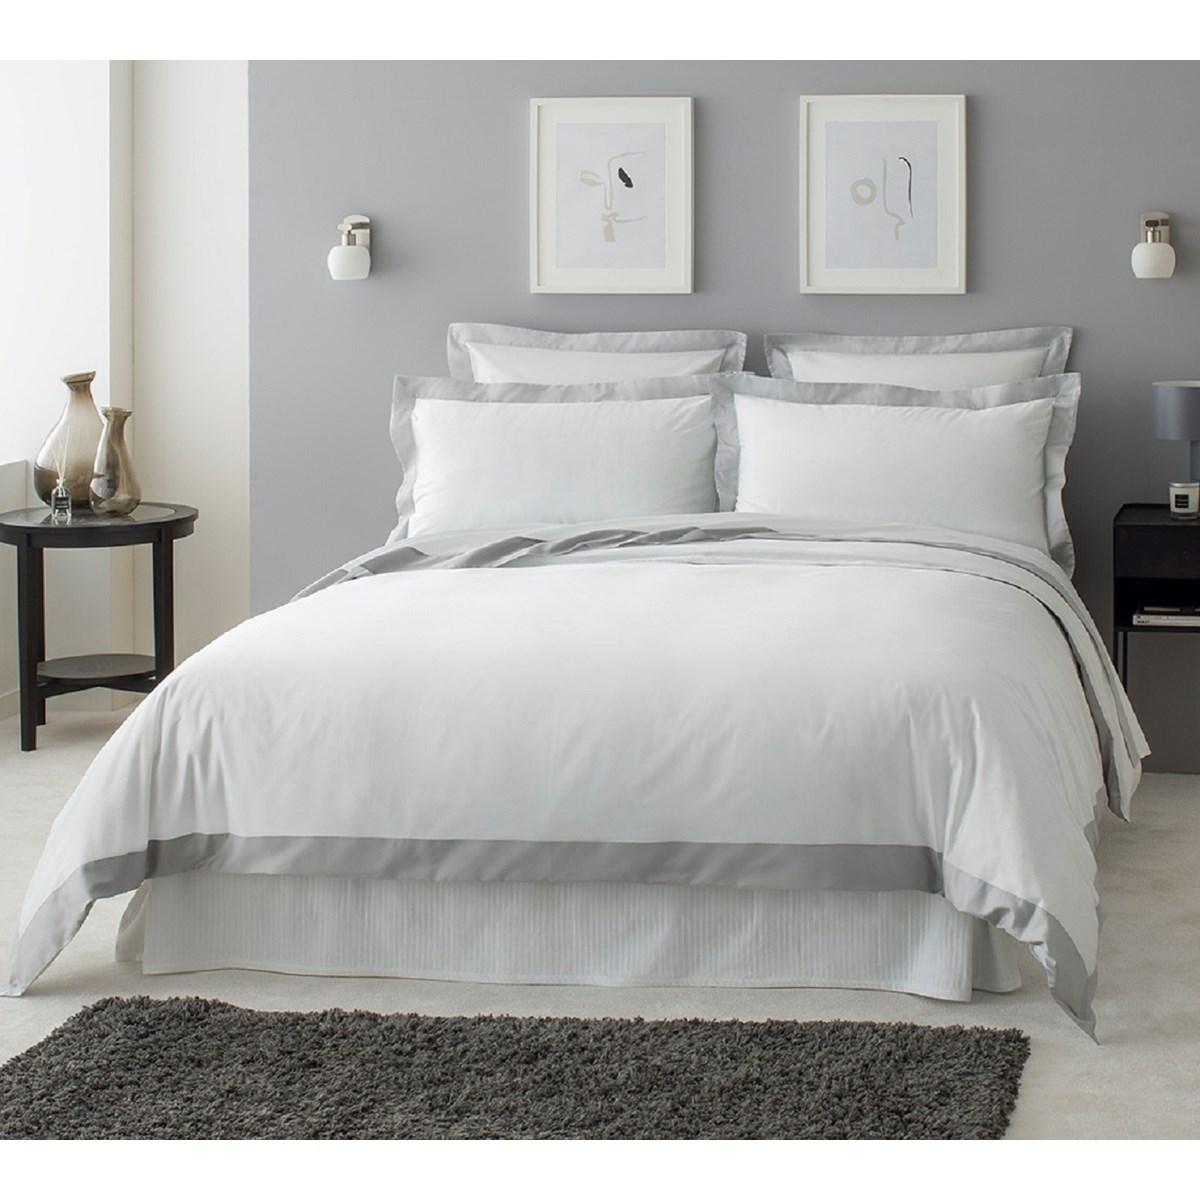 Housse de couette luxe en Satin de coton  Gris clair 260x240 cm